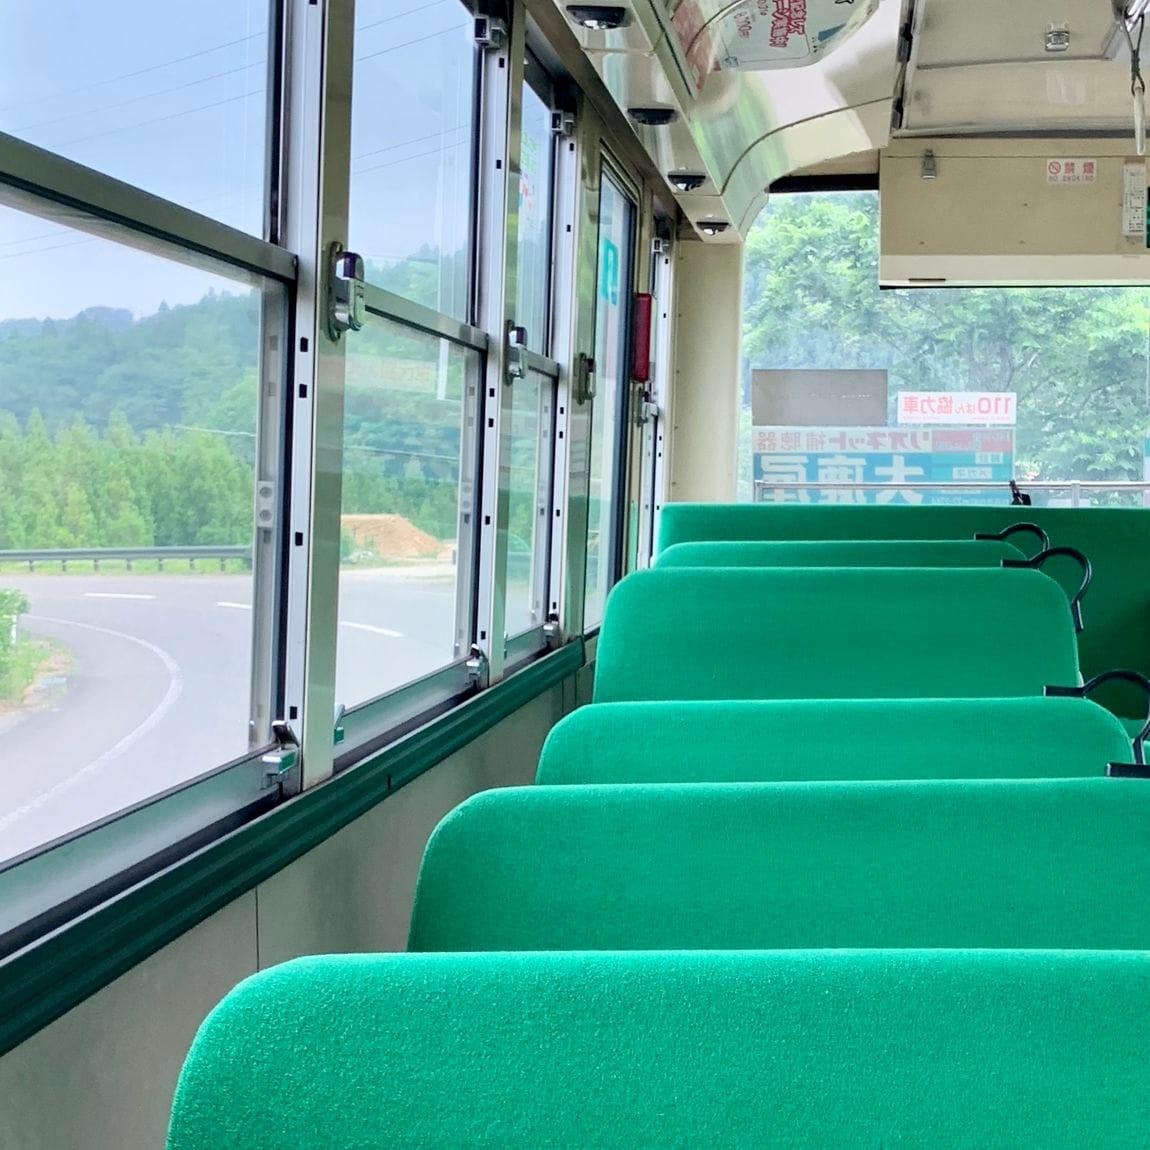 緑色のバス座席が並んでいる